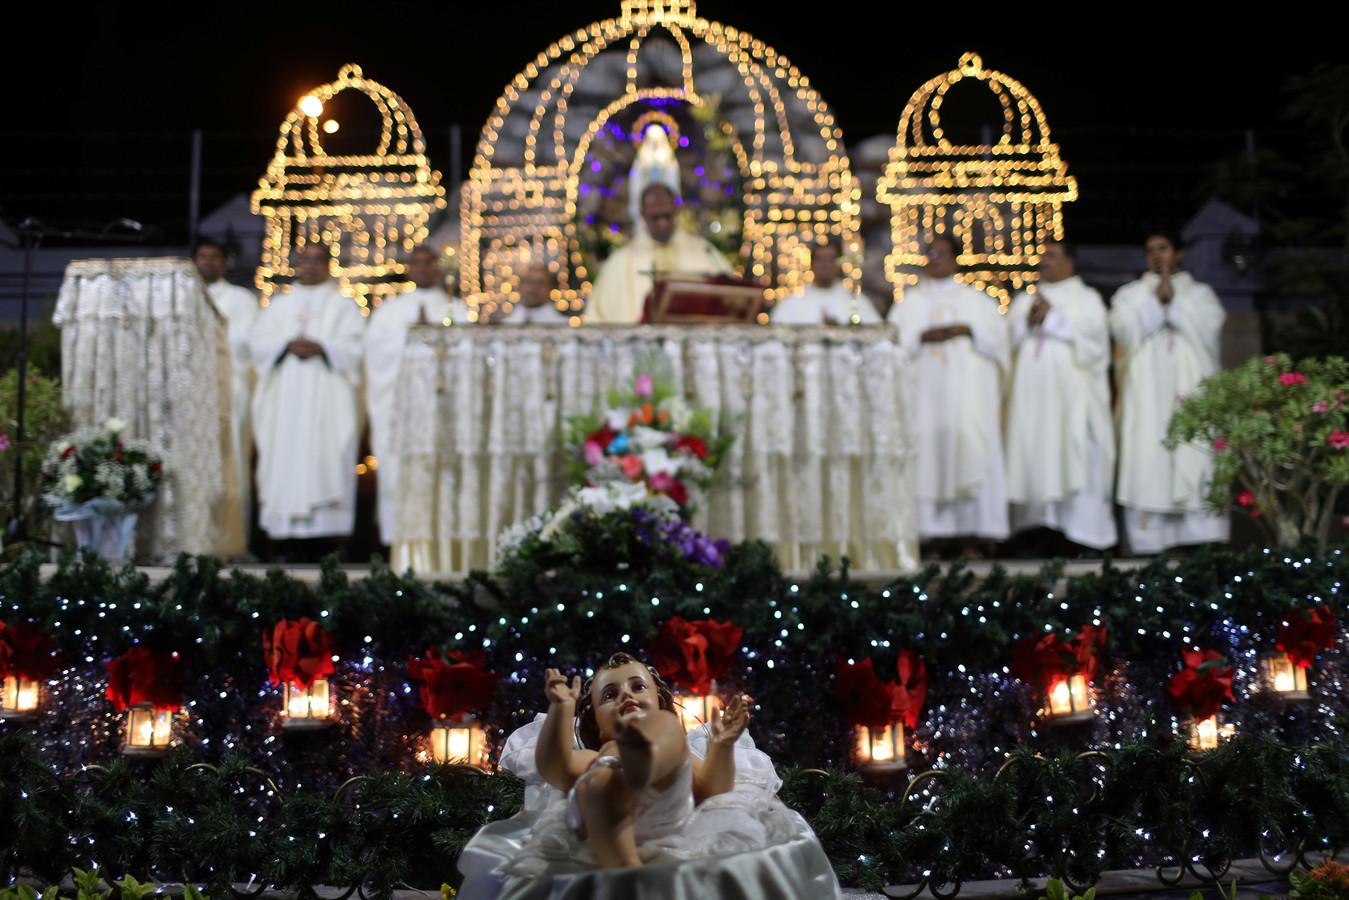 Christelijke expats bezoeken de kerstmis in de Santa Maria kerk in Dubai in de Verenigde Arabische Emiraten.